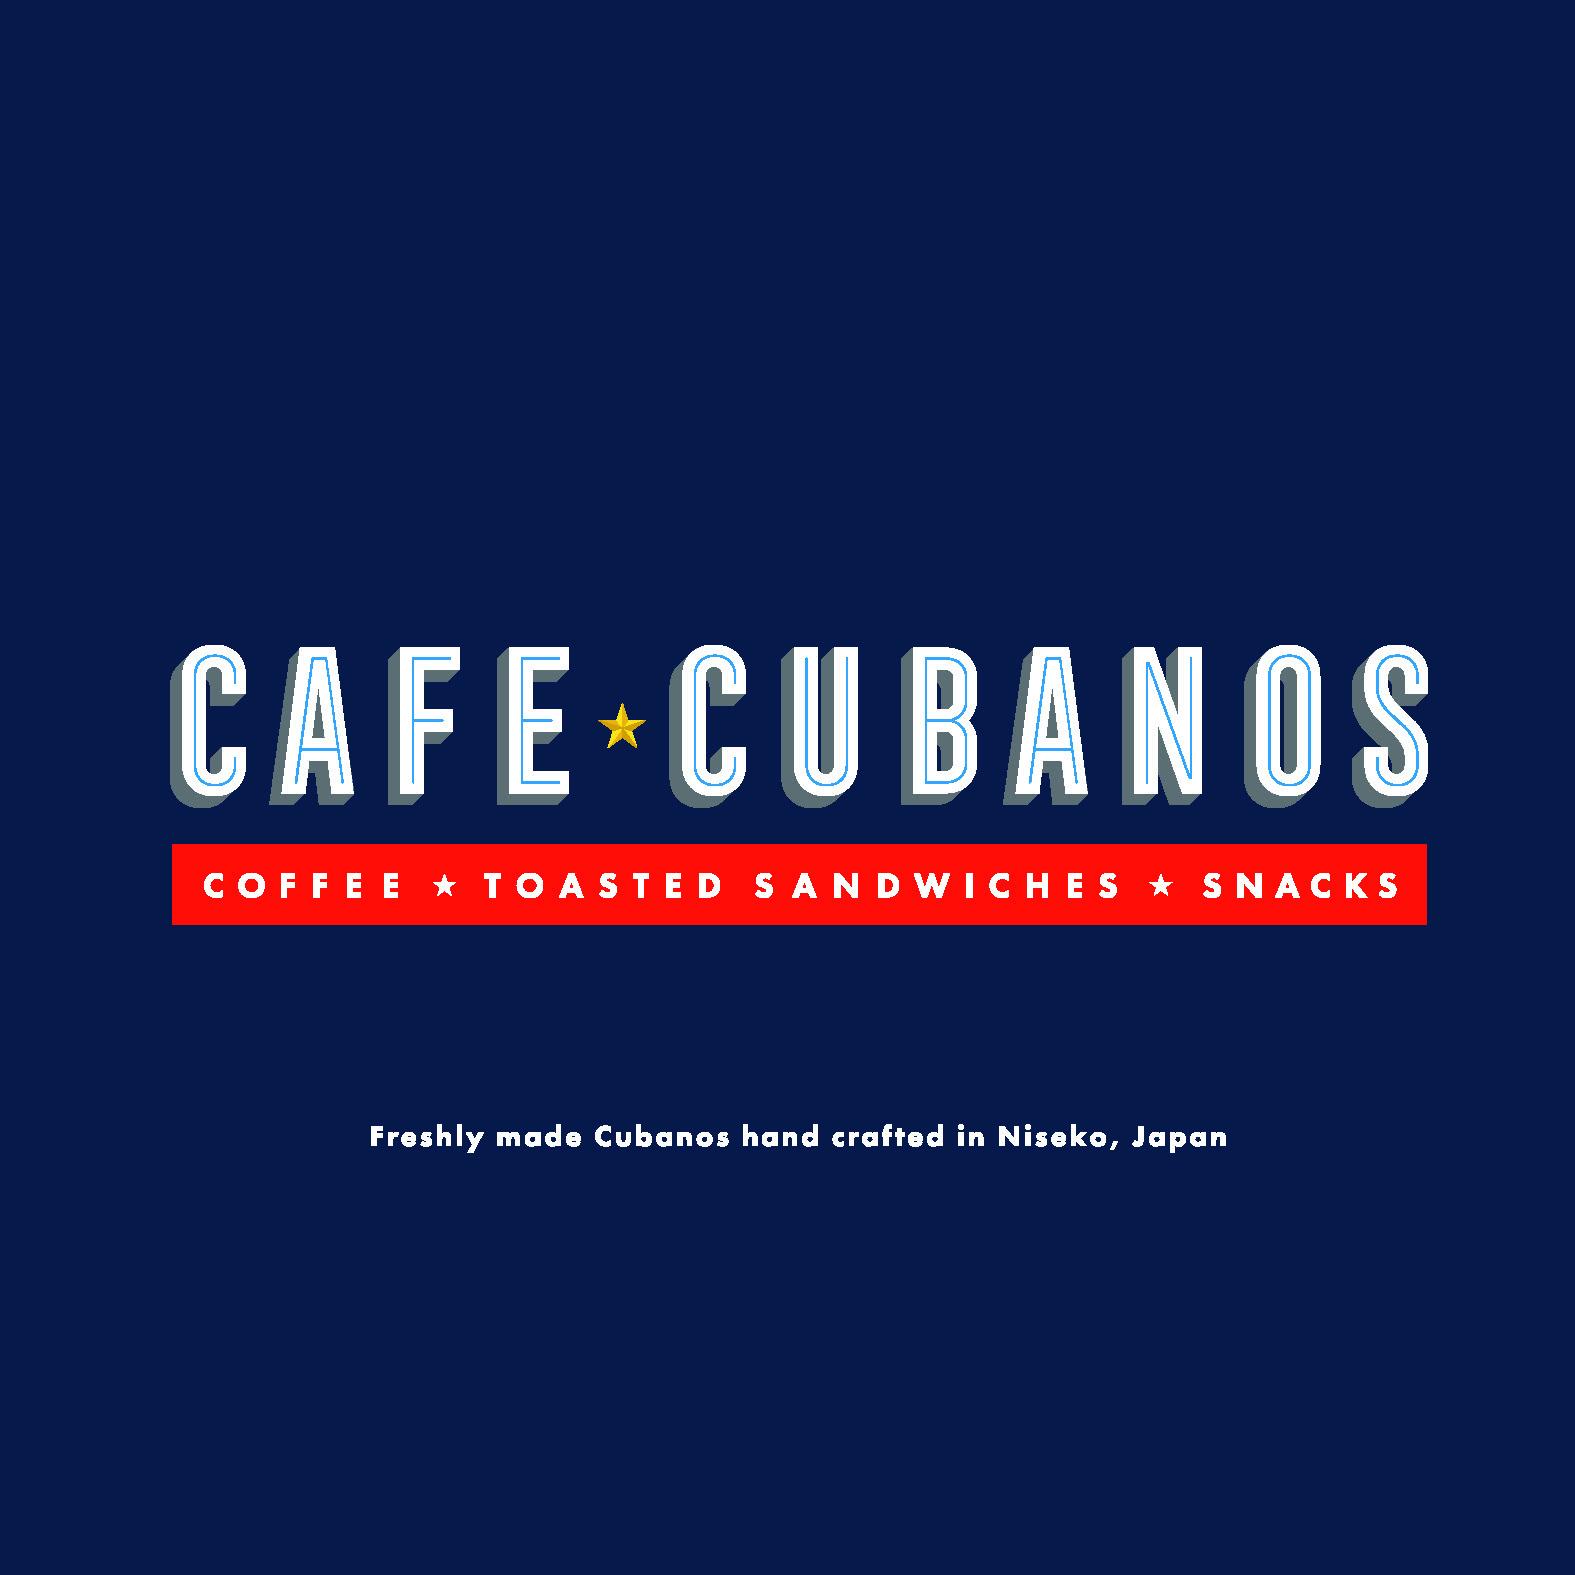 Cafe Cubanos logo